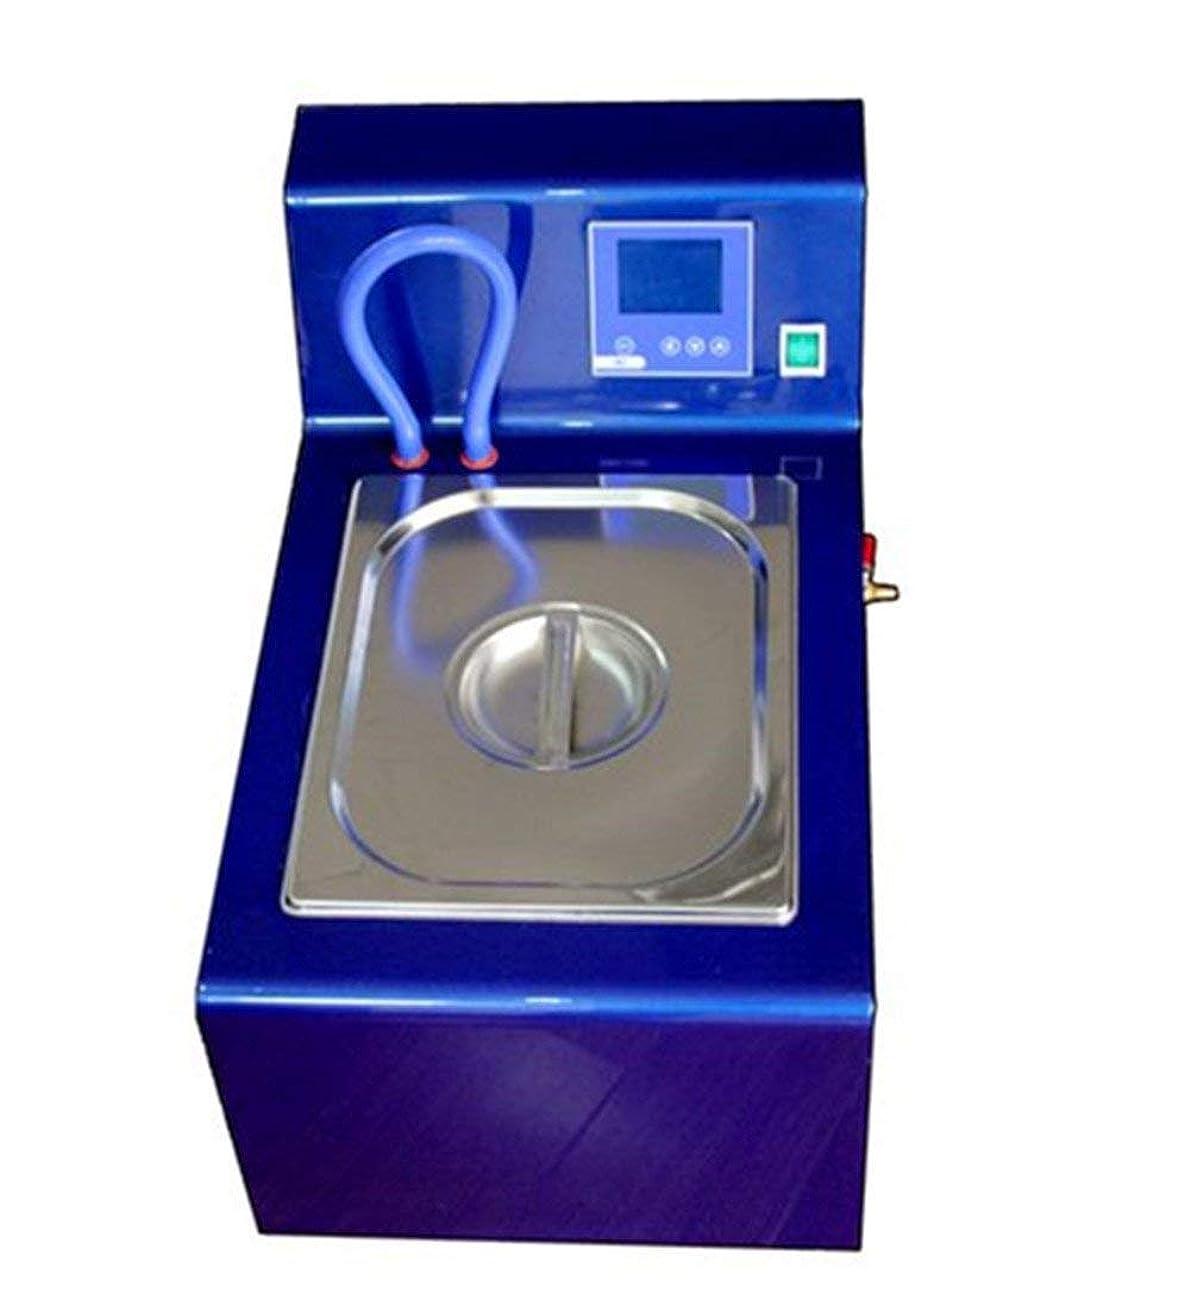 テセウス尋ねる自信があるNEWTRY 超恒温槽 ウォーターバス 恒温水槽 恒温槽 恒温器 水浴加熱 ステンレス製 業務用 研究用 ラブ用 実験室用 デスクトップ 循環ポンプ付き JKI-MP-501A (220V)